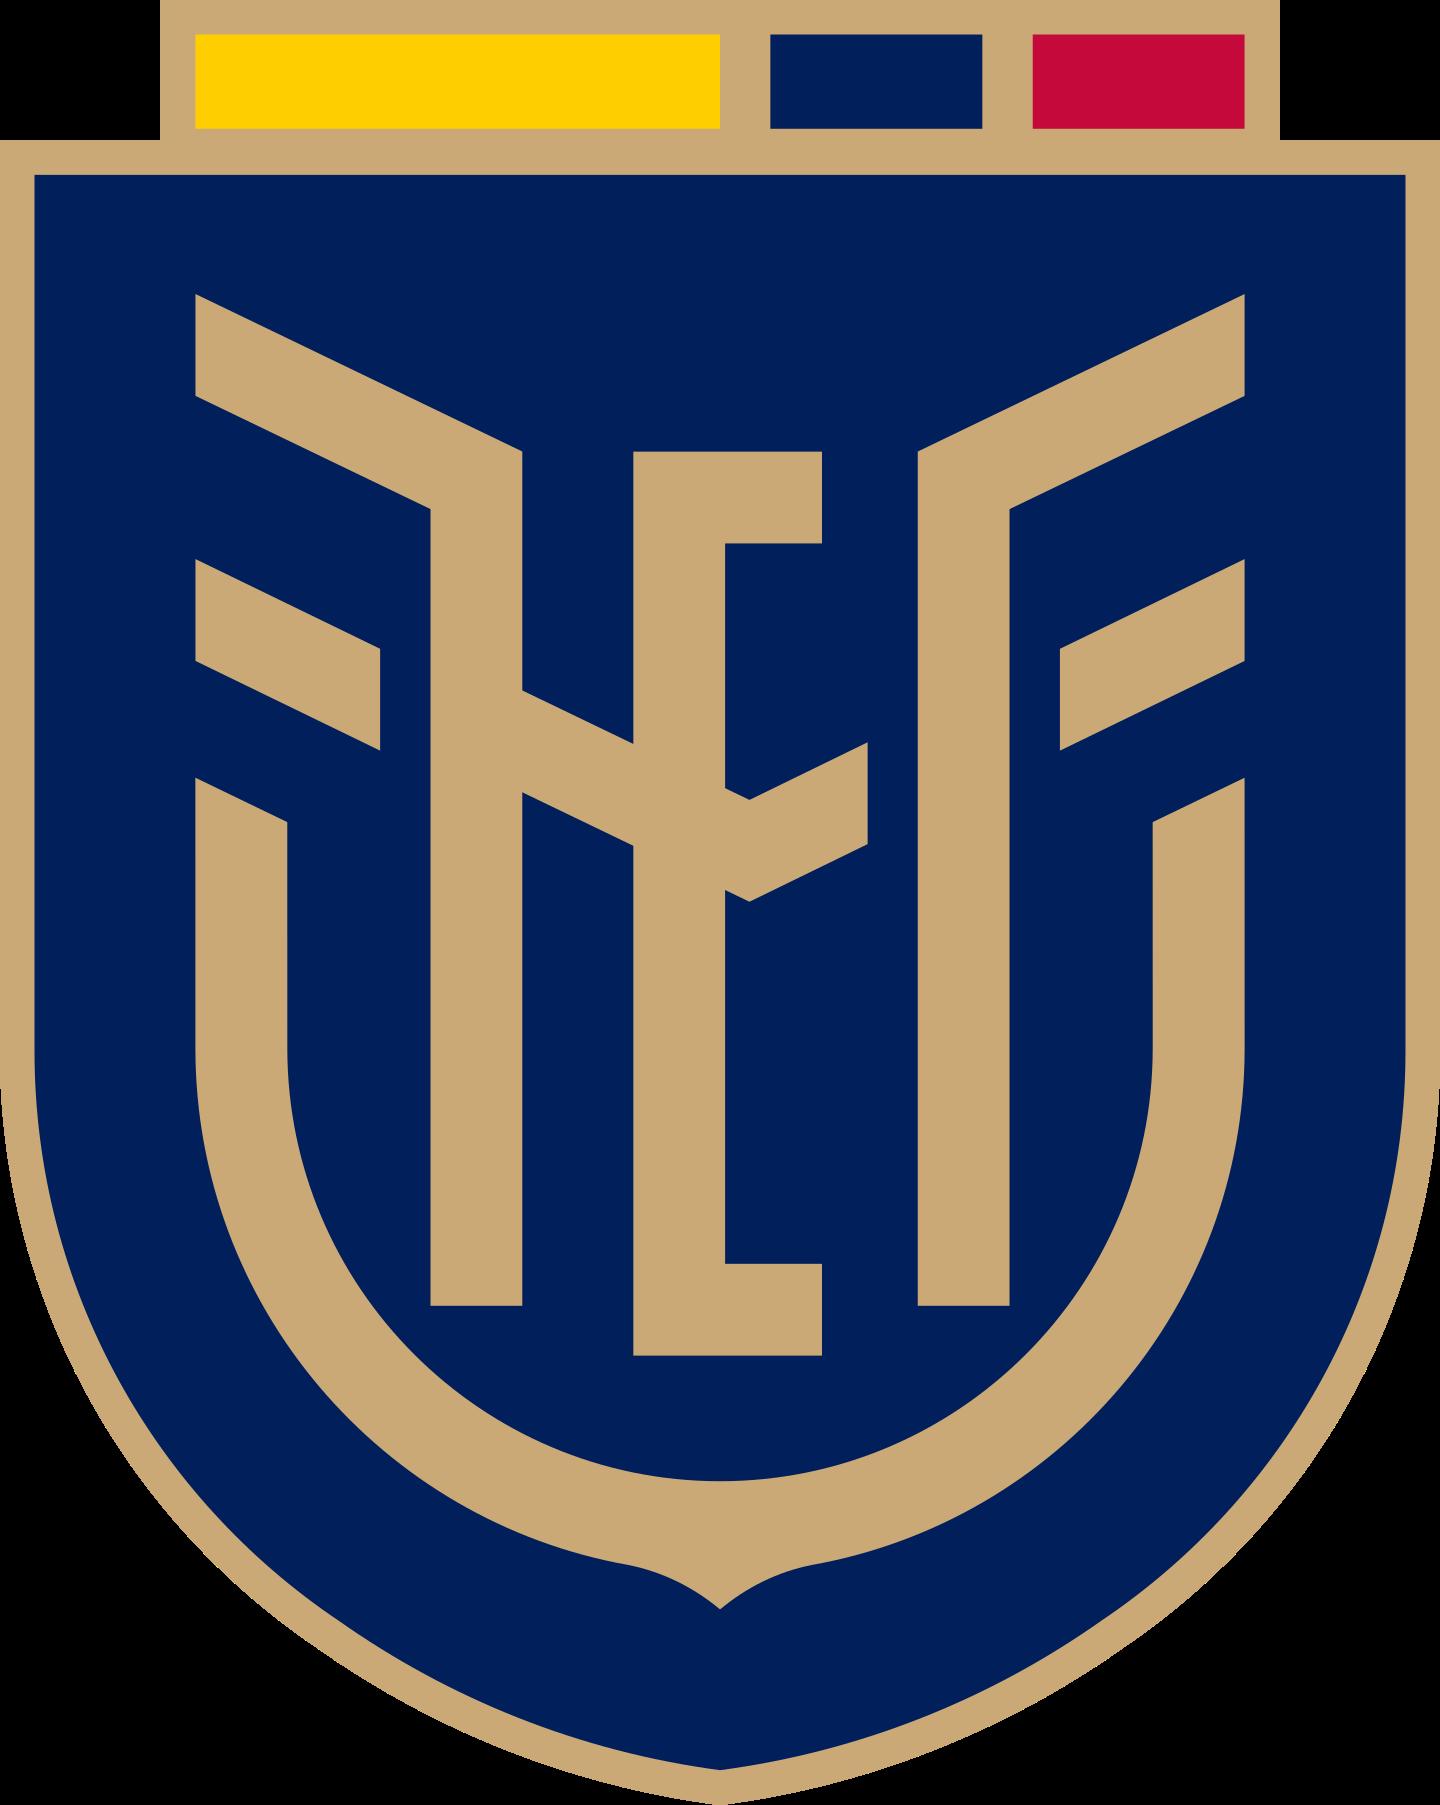 fef seleccion ecuador logo 3 - FEF Logo - Seleção do Equador de Futebol Logo